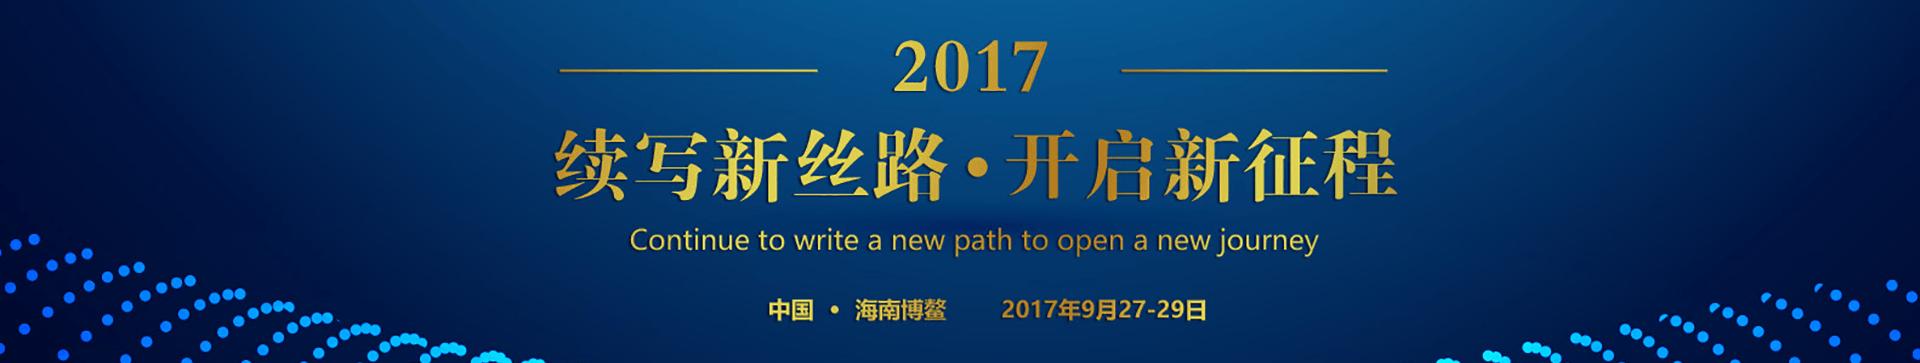 续写新丝路 开启新征程——中国博鳌企业论坛